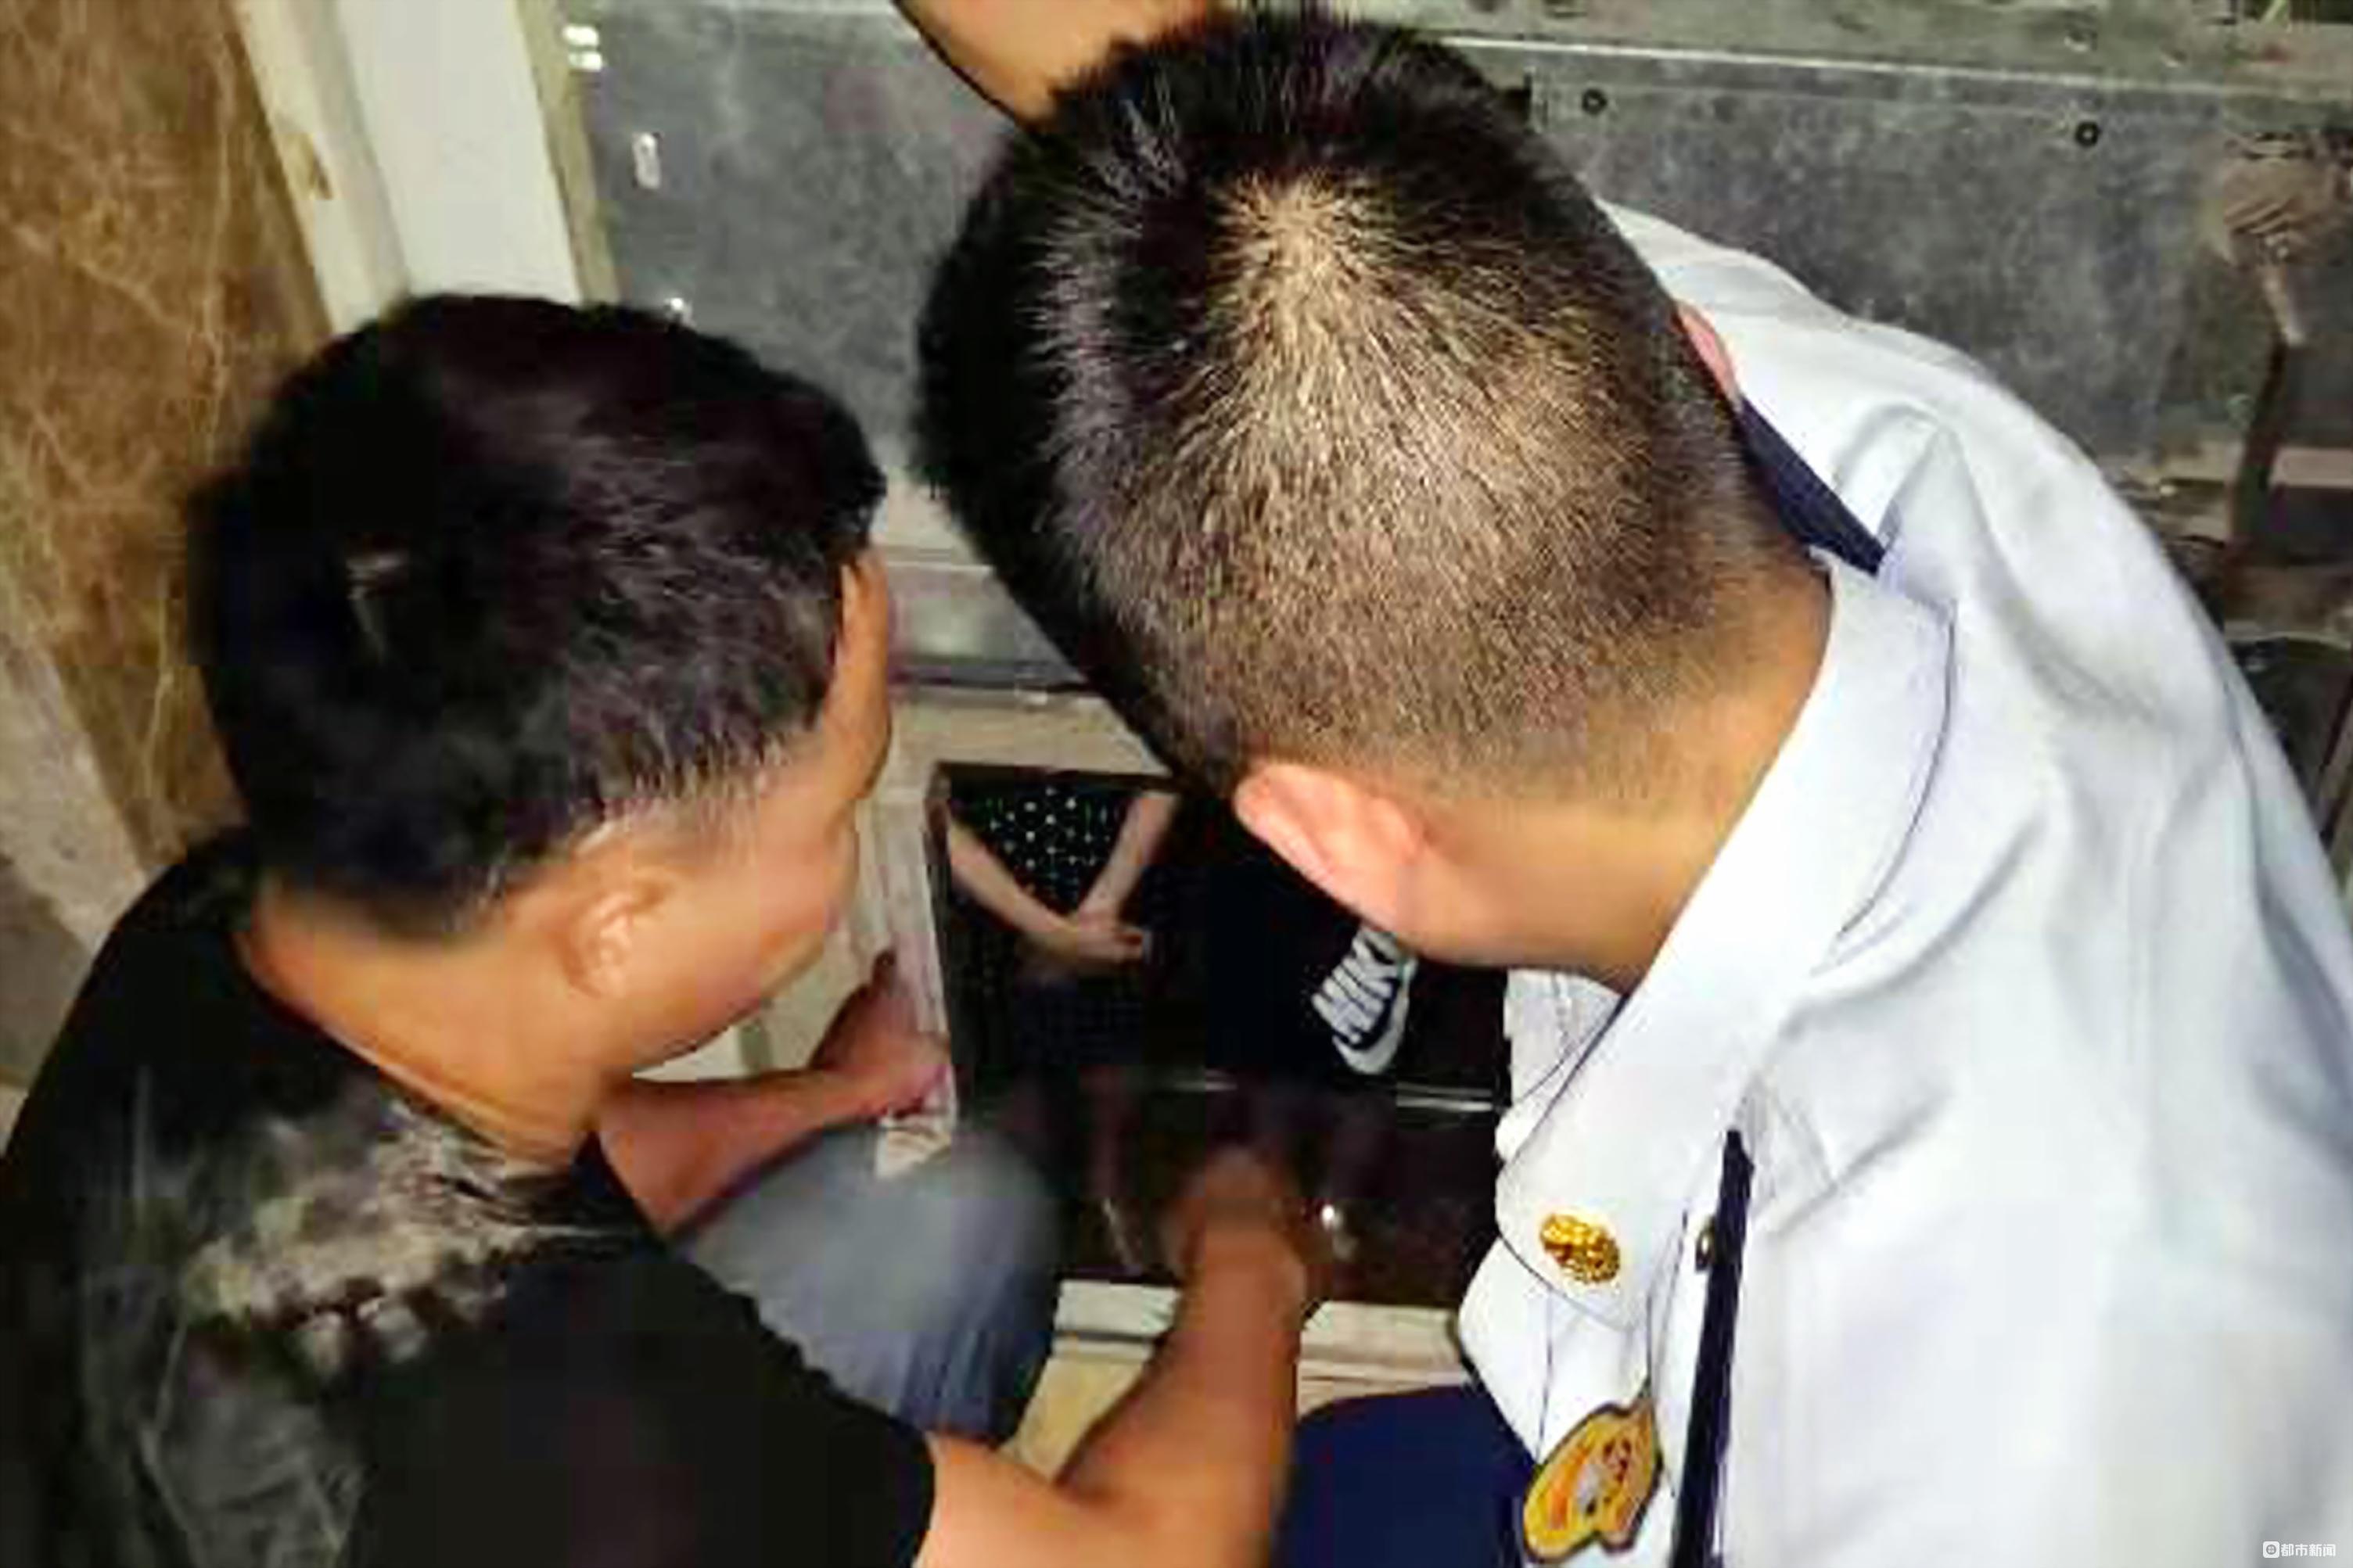 电梯故障致祖孙俩被困,物管修了3小时没辙,最后请来消防解救